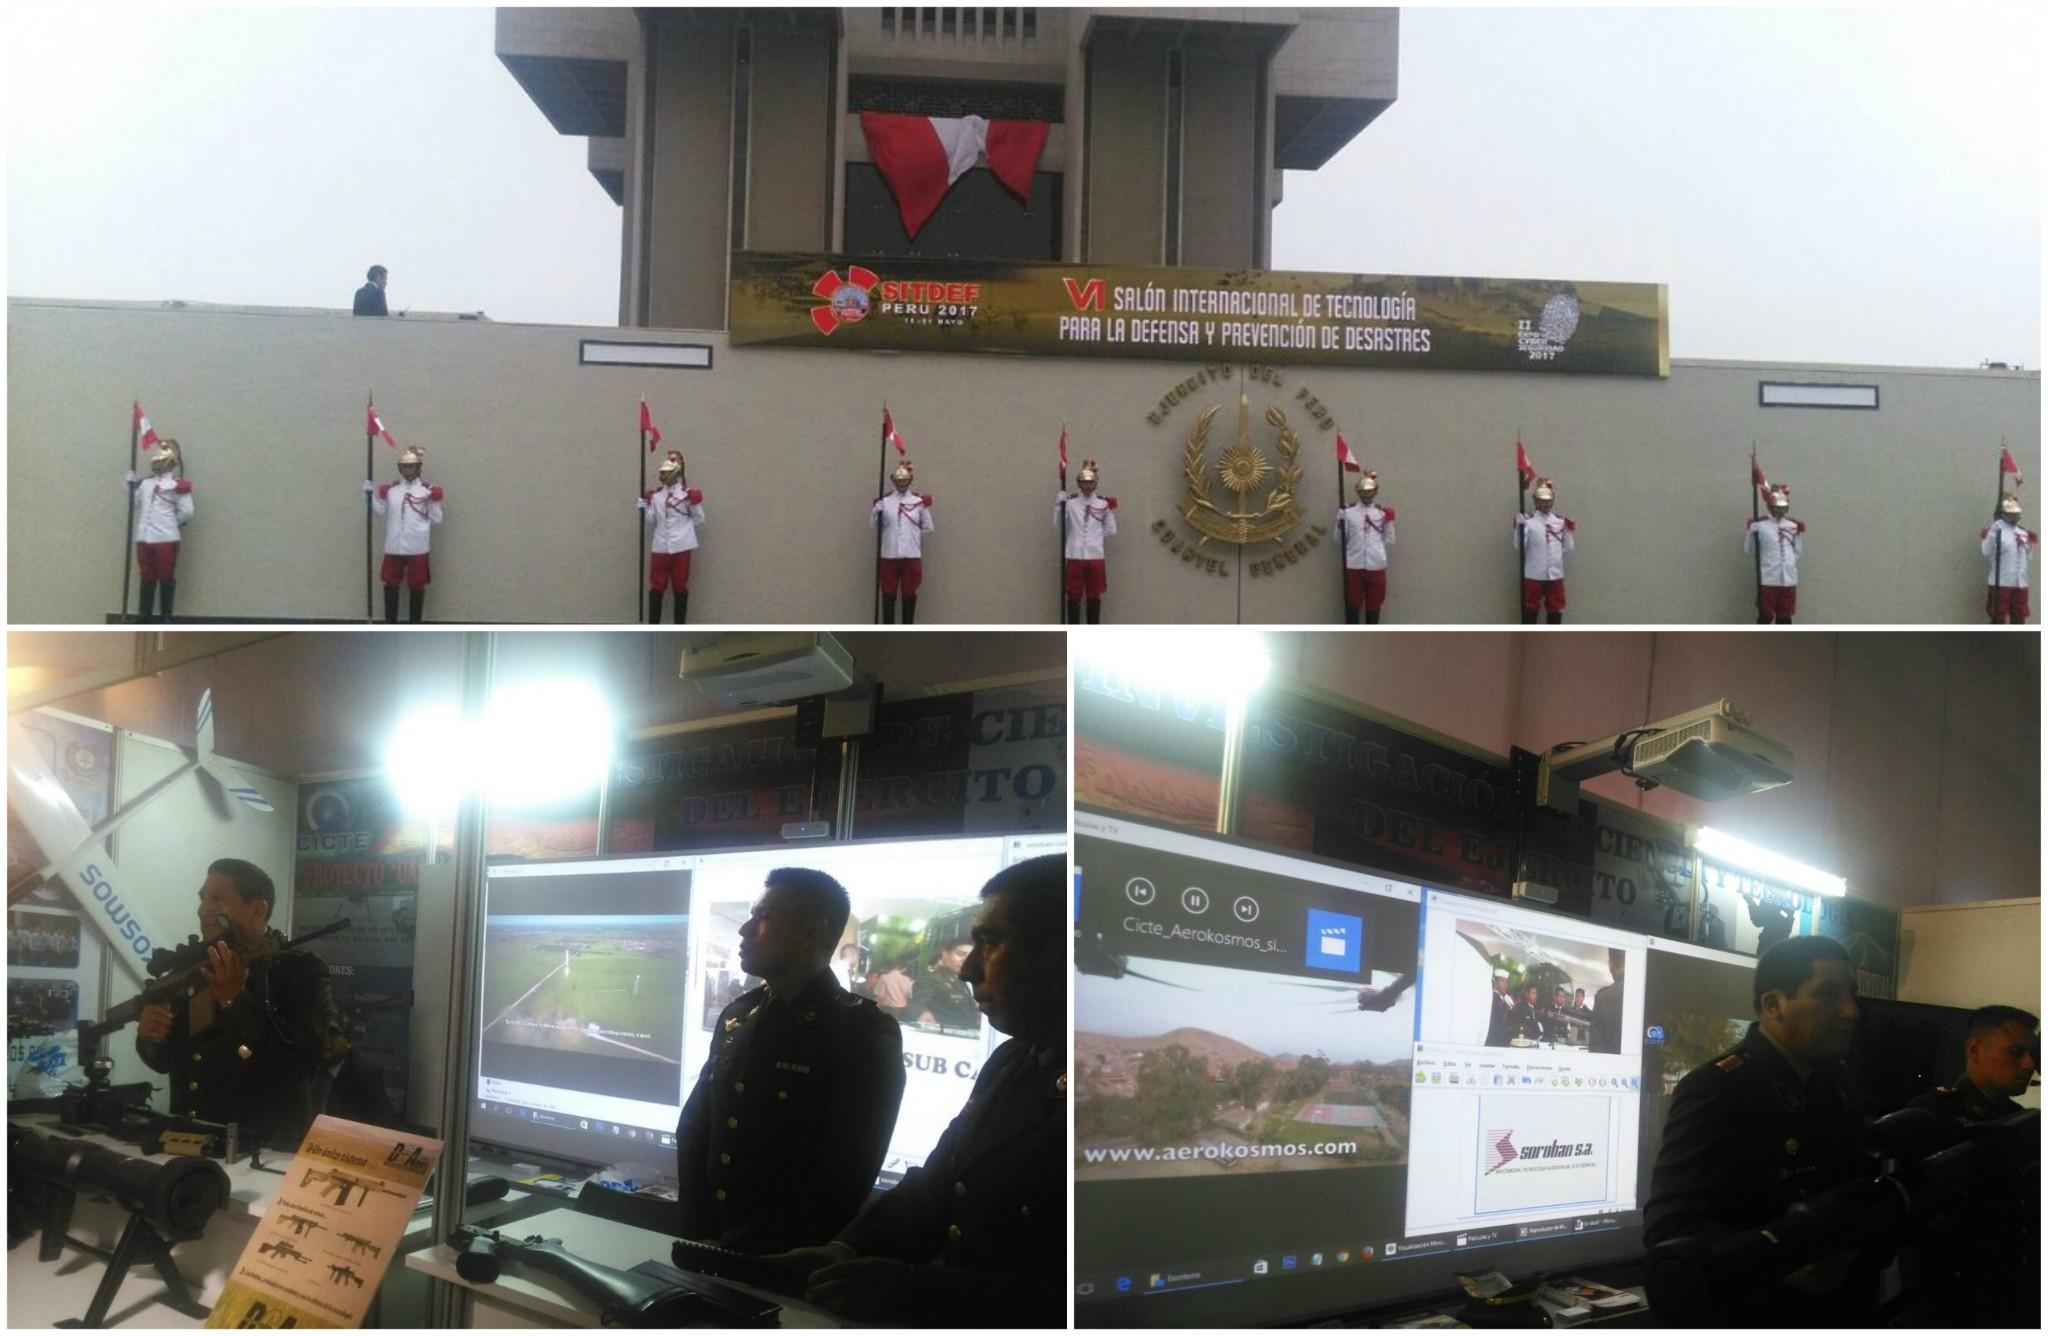 Soroban en SITDEF 2017 Ejército del Perú